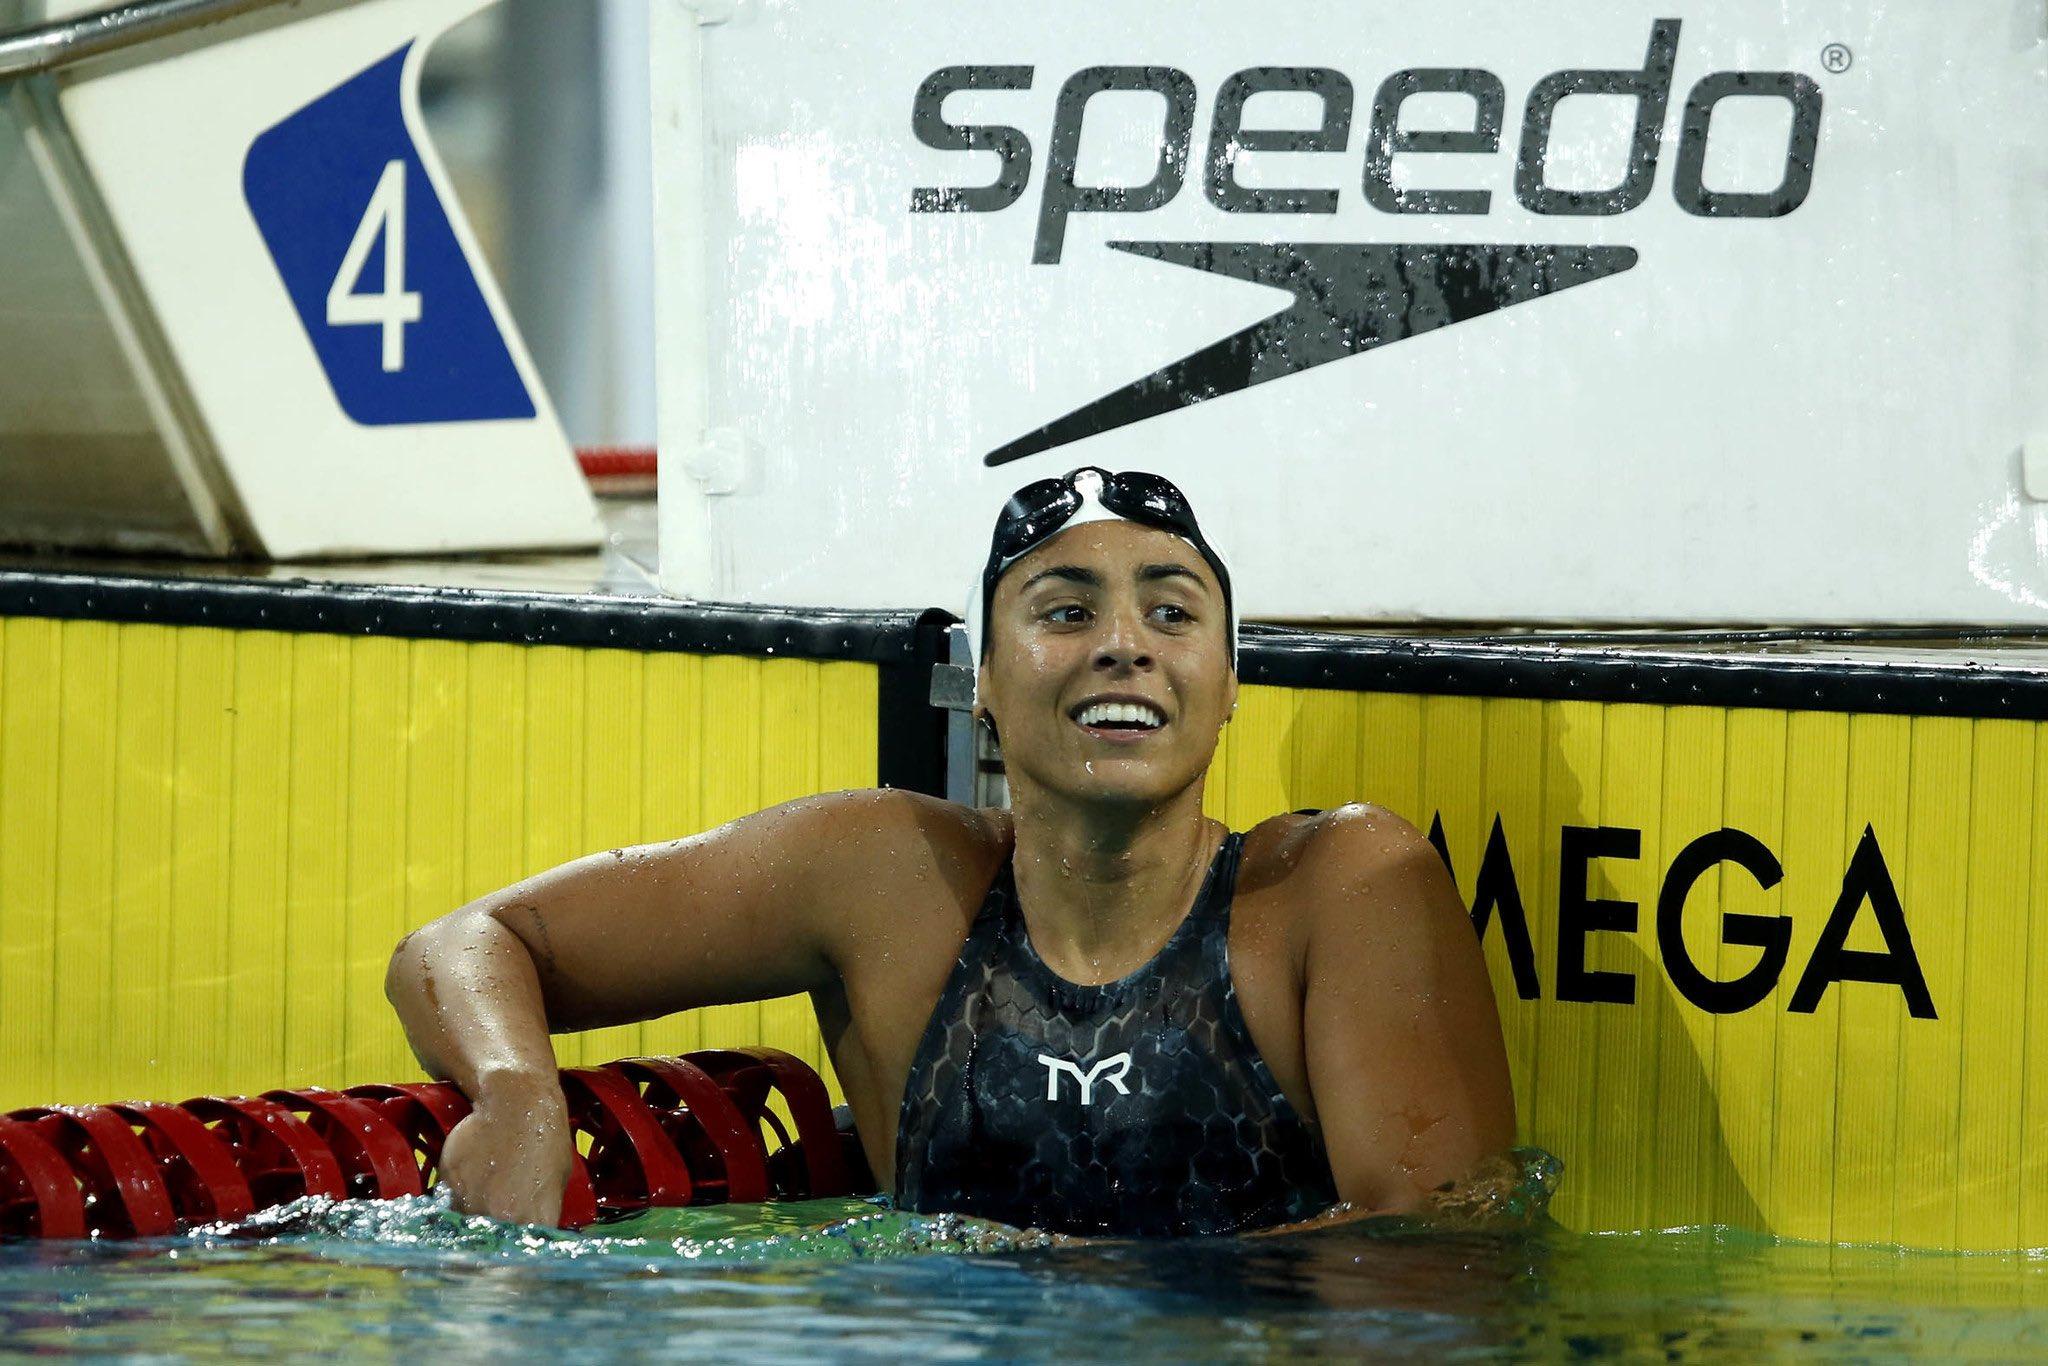 Naná ALmeida - Gabi Roncatto - Larissa Oliveira - Jogos Olímpicos de Tóquio - revezamento 4x200m livre feminino - Olimpíada Tóquio 2020